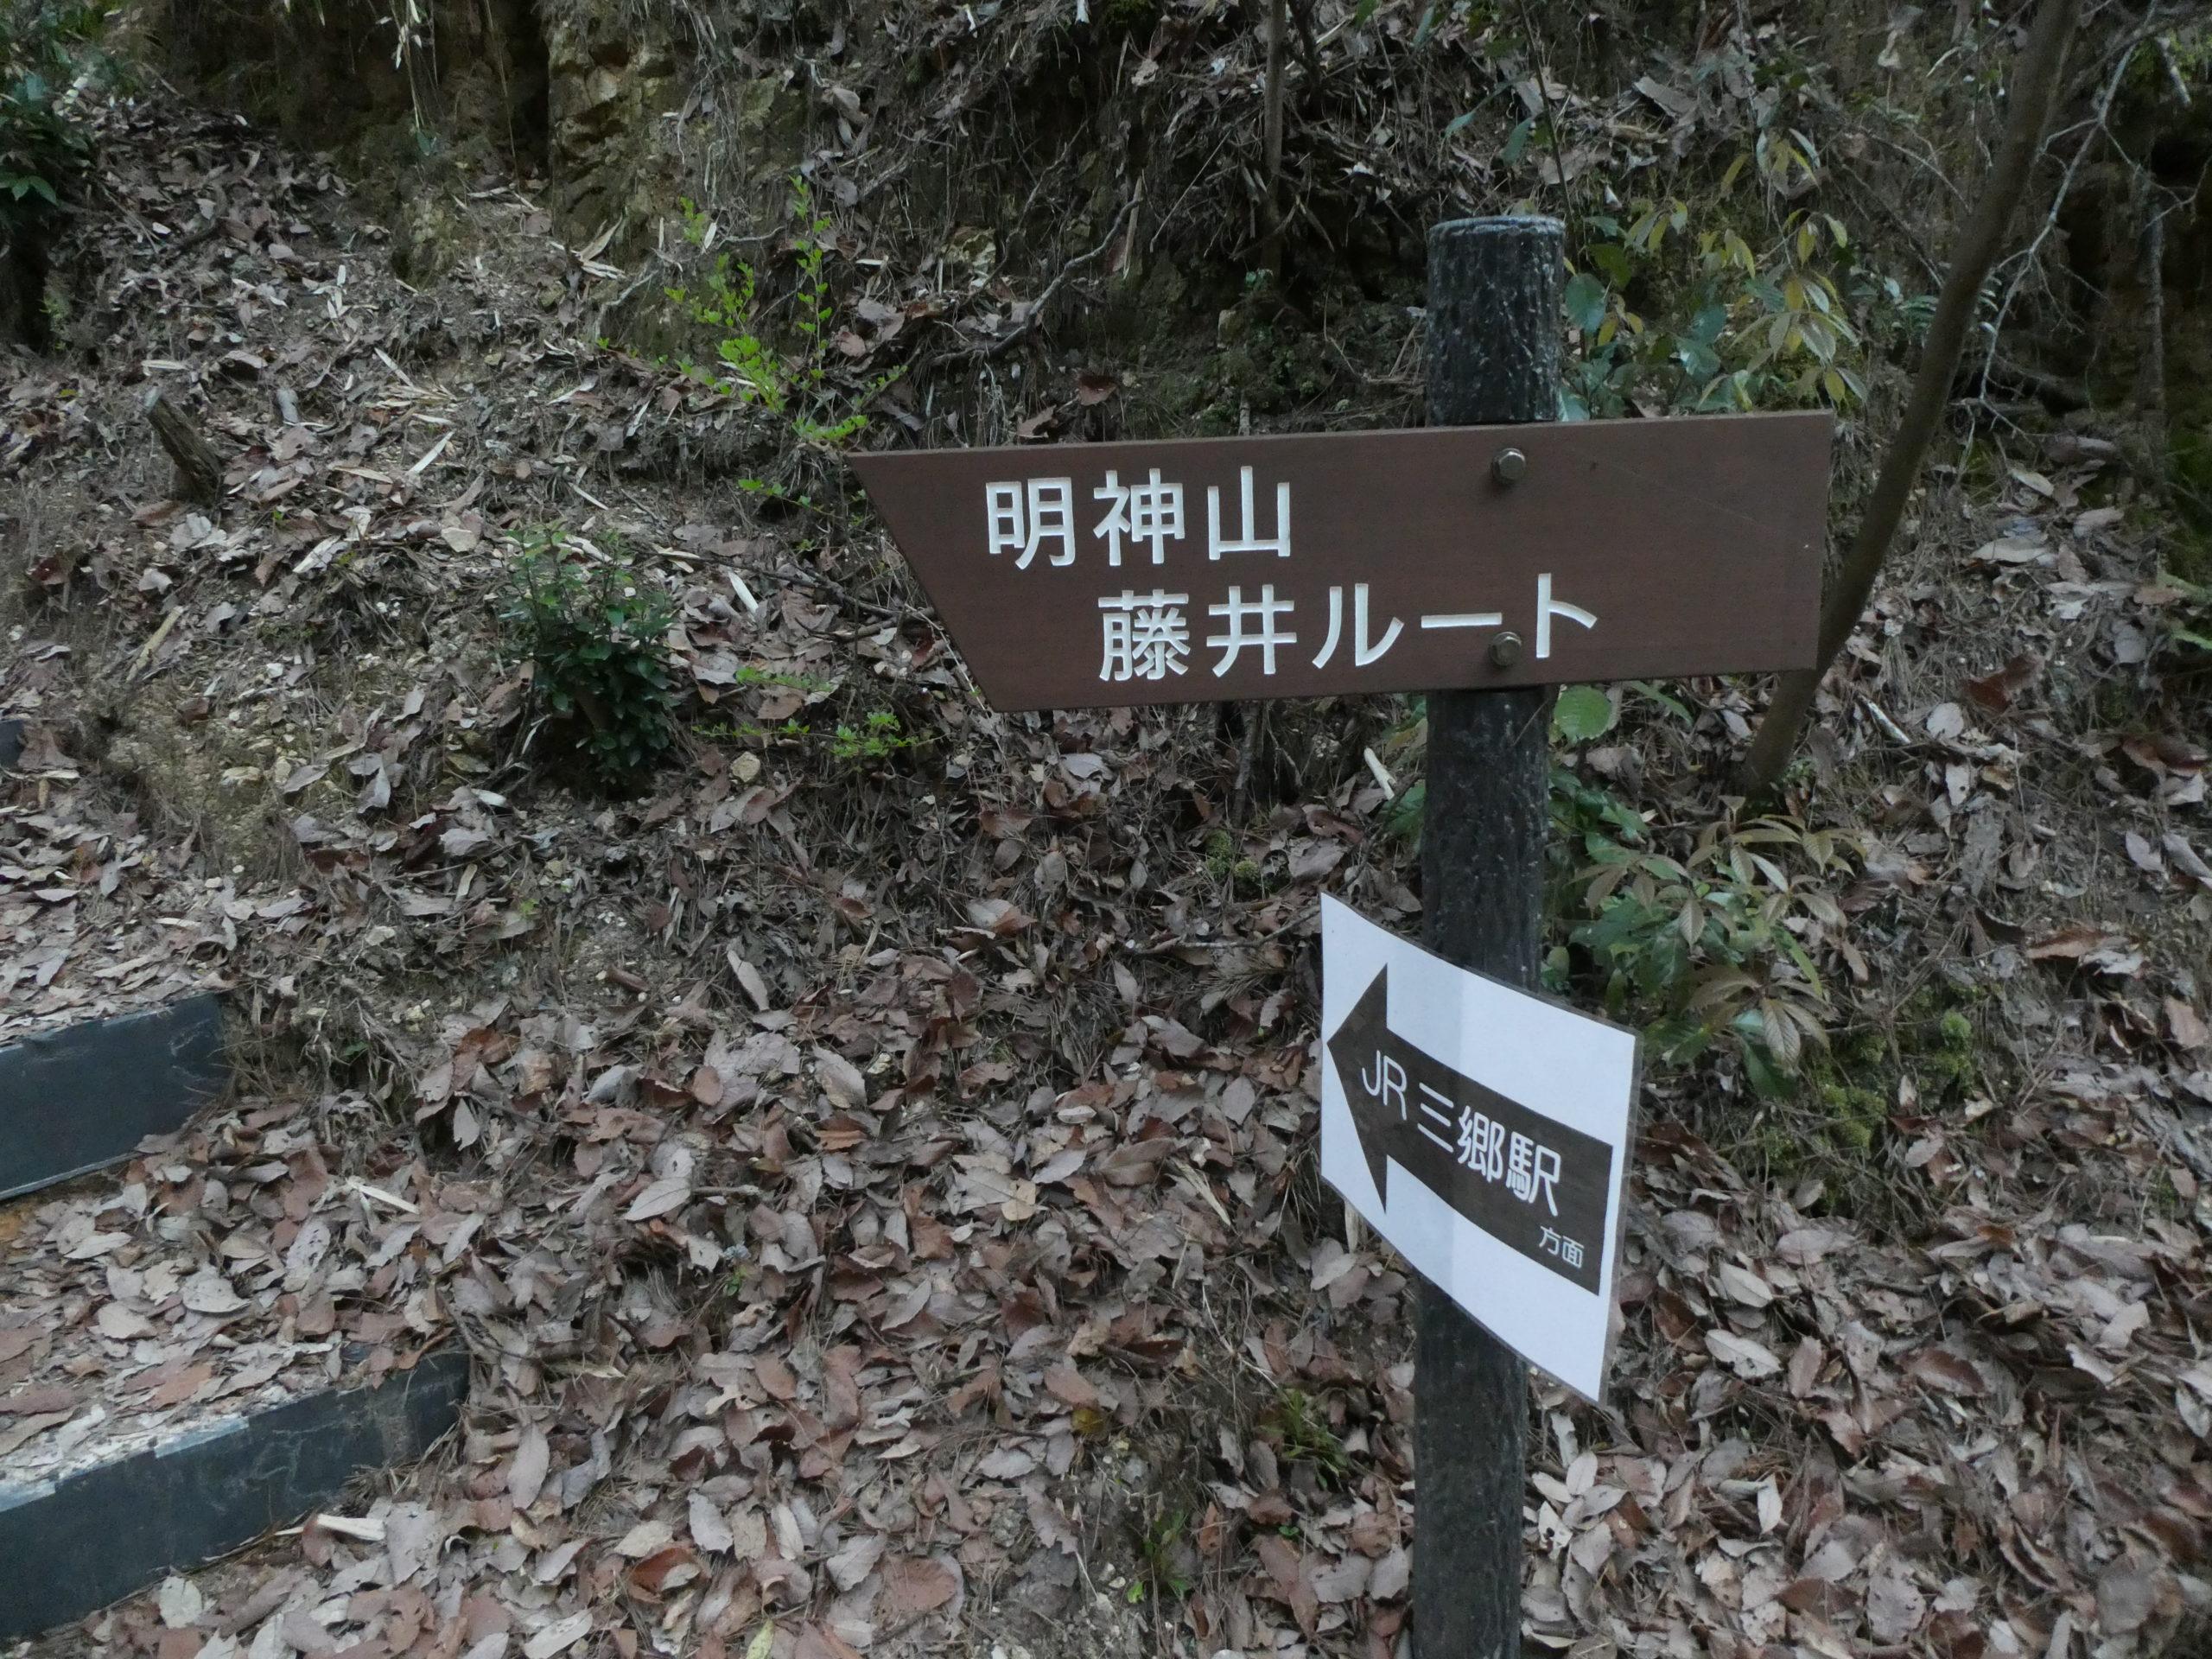 明神山 ハイキングコース 藤井ルート 分岐点